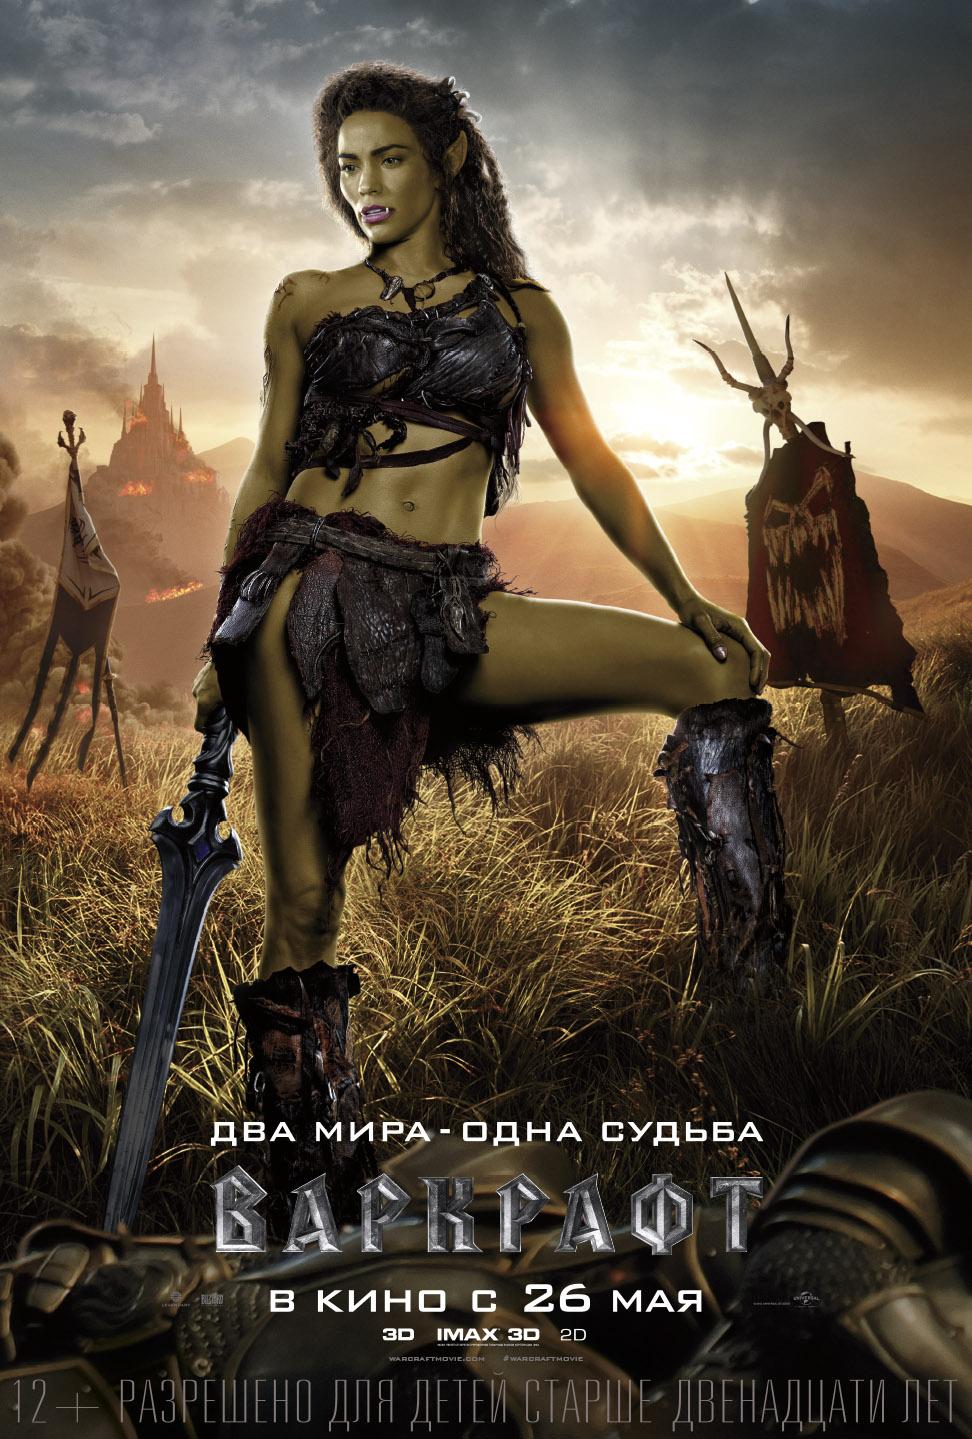 Смотреть онлайн фильм турист в хорошем качестве на русском